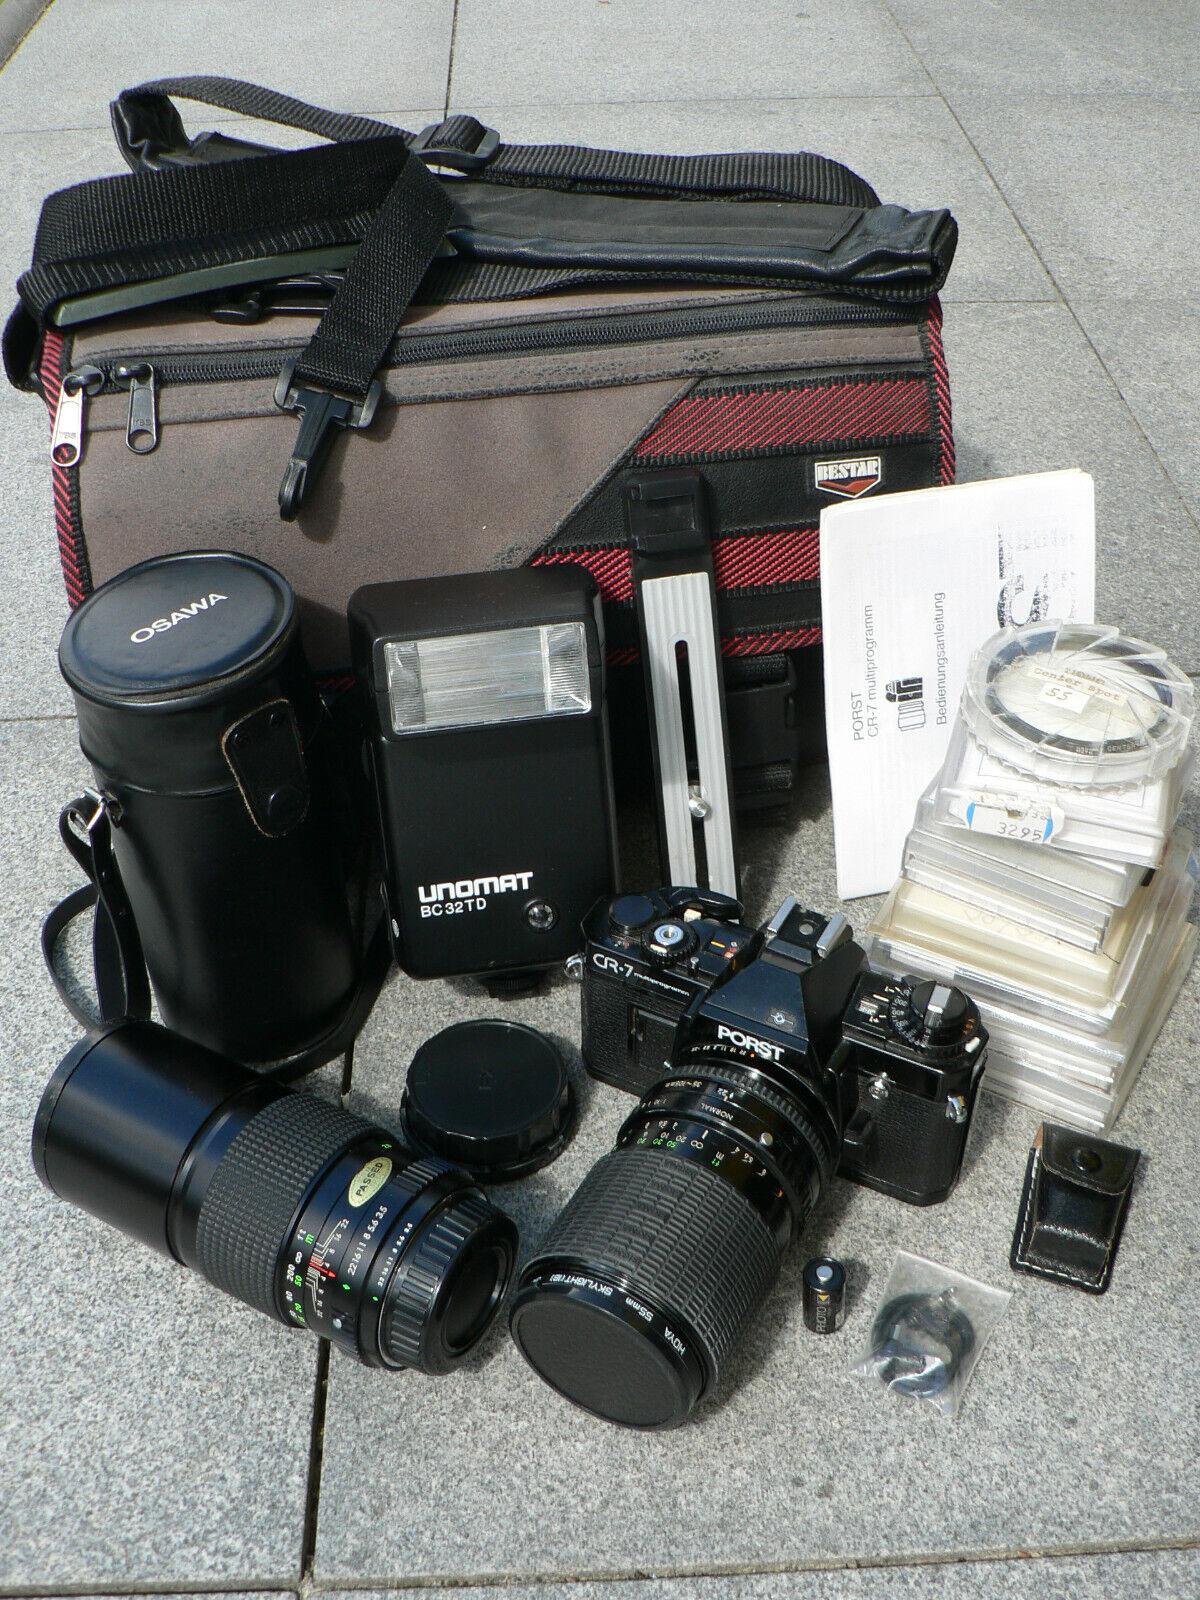 Porst CR7 Multiprogramm Spiegelreflexkamera mit Sigma Zoom Objekit viel Zubehör